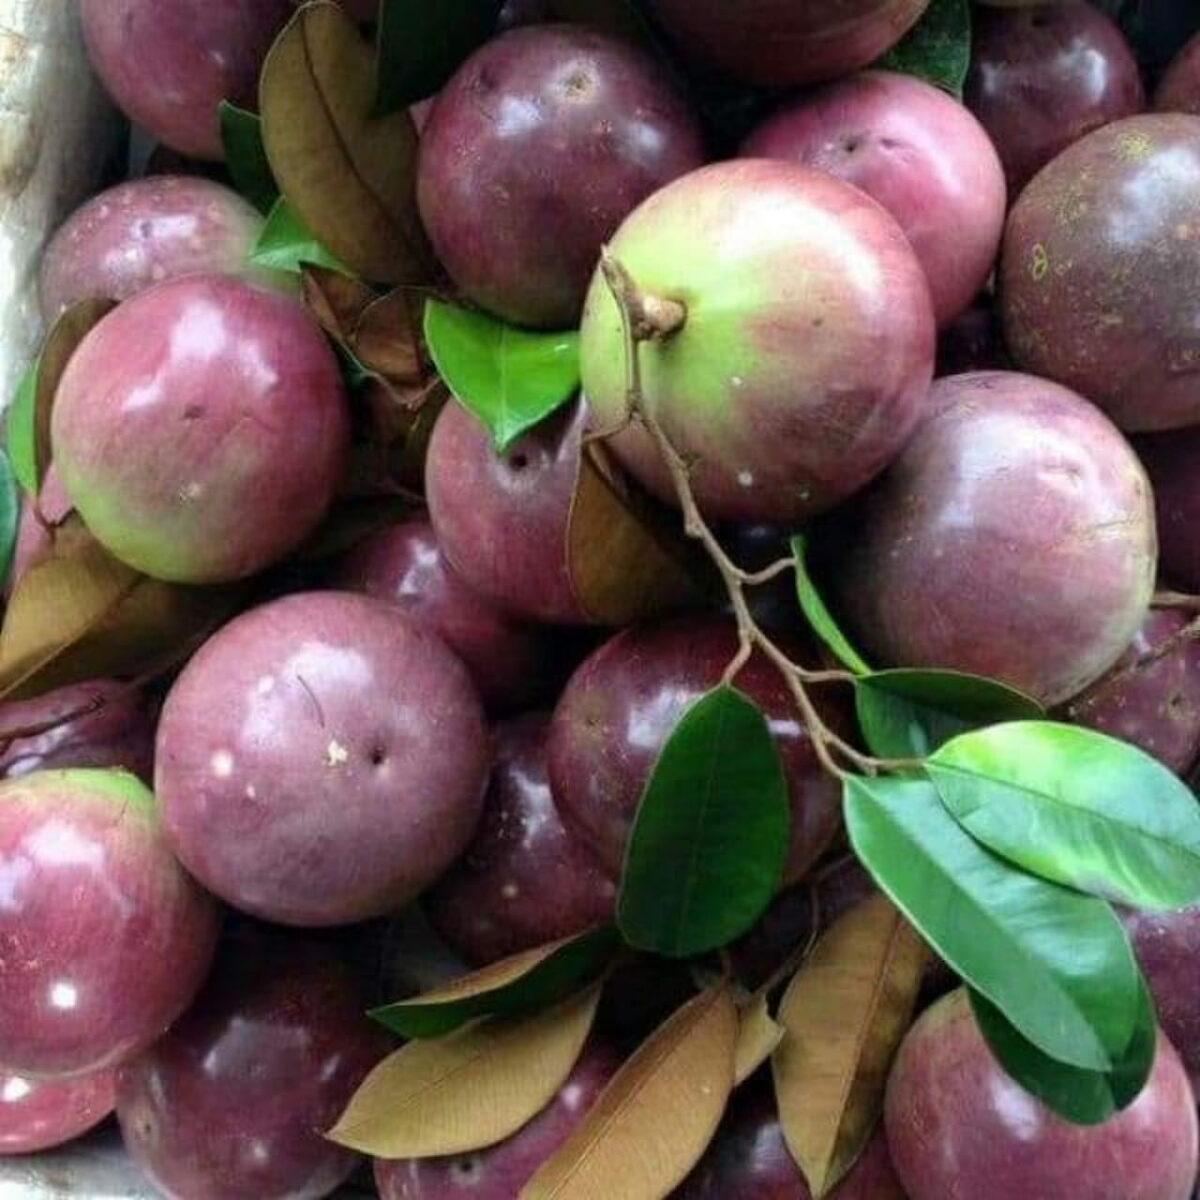 Lo Ren star apple in Tien Giang